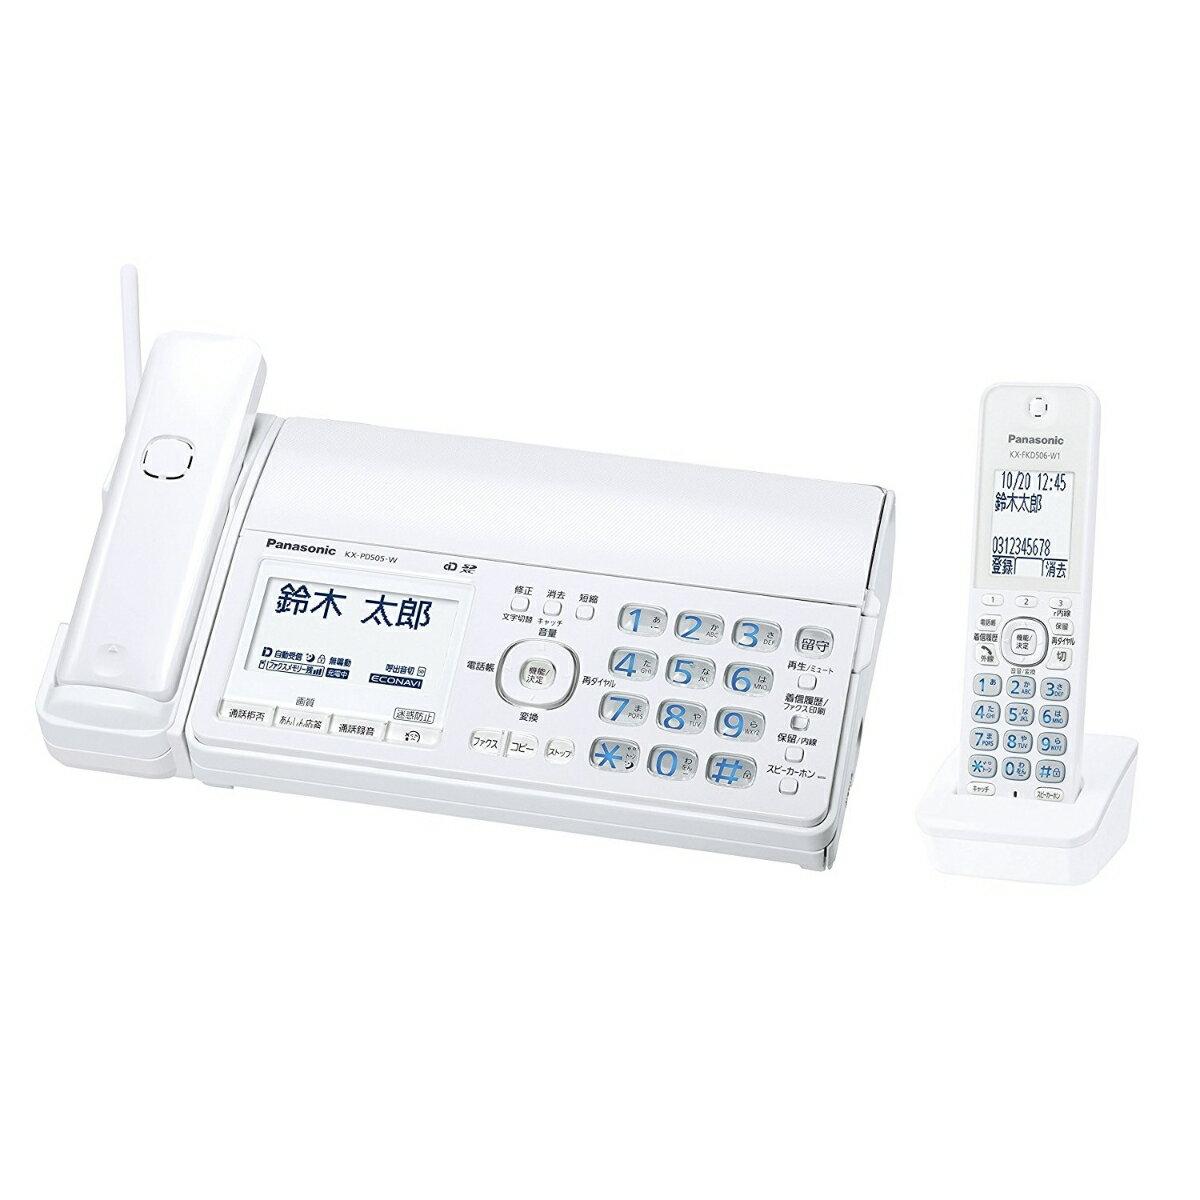 Panasonic デジタルコードレス普通紙ファクス(子機1台付き)(ホワイト) KX-PD505DL-W